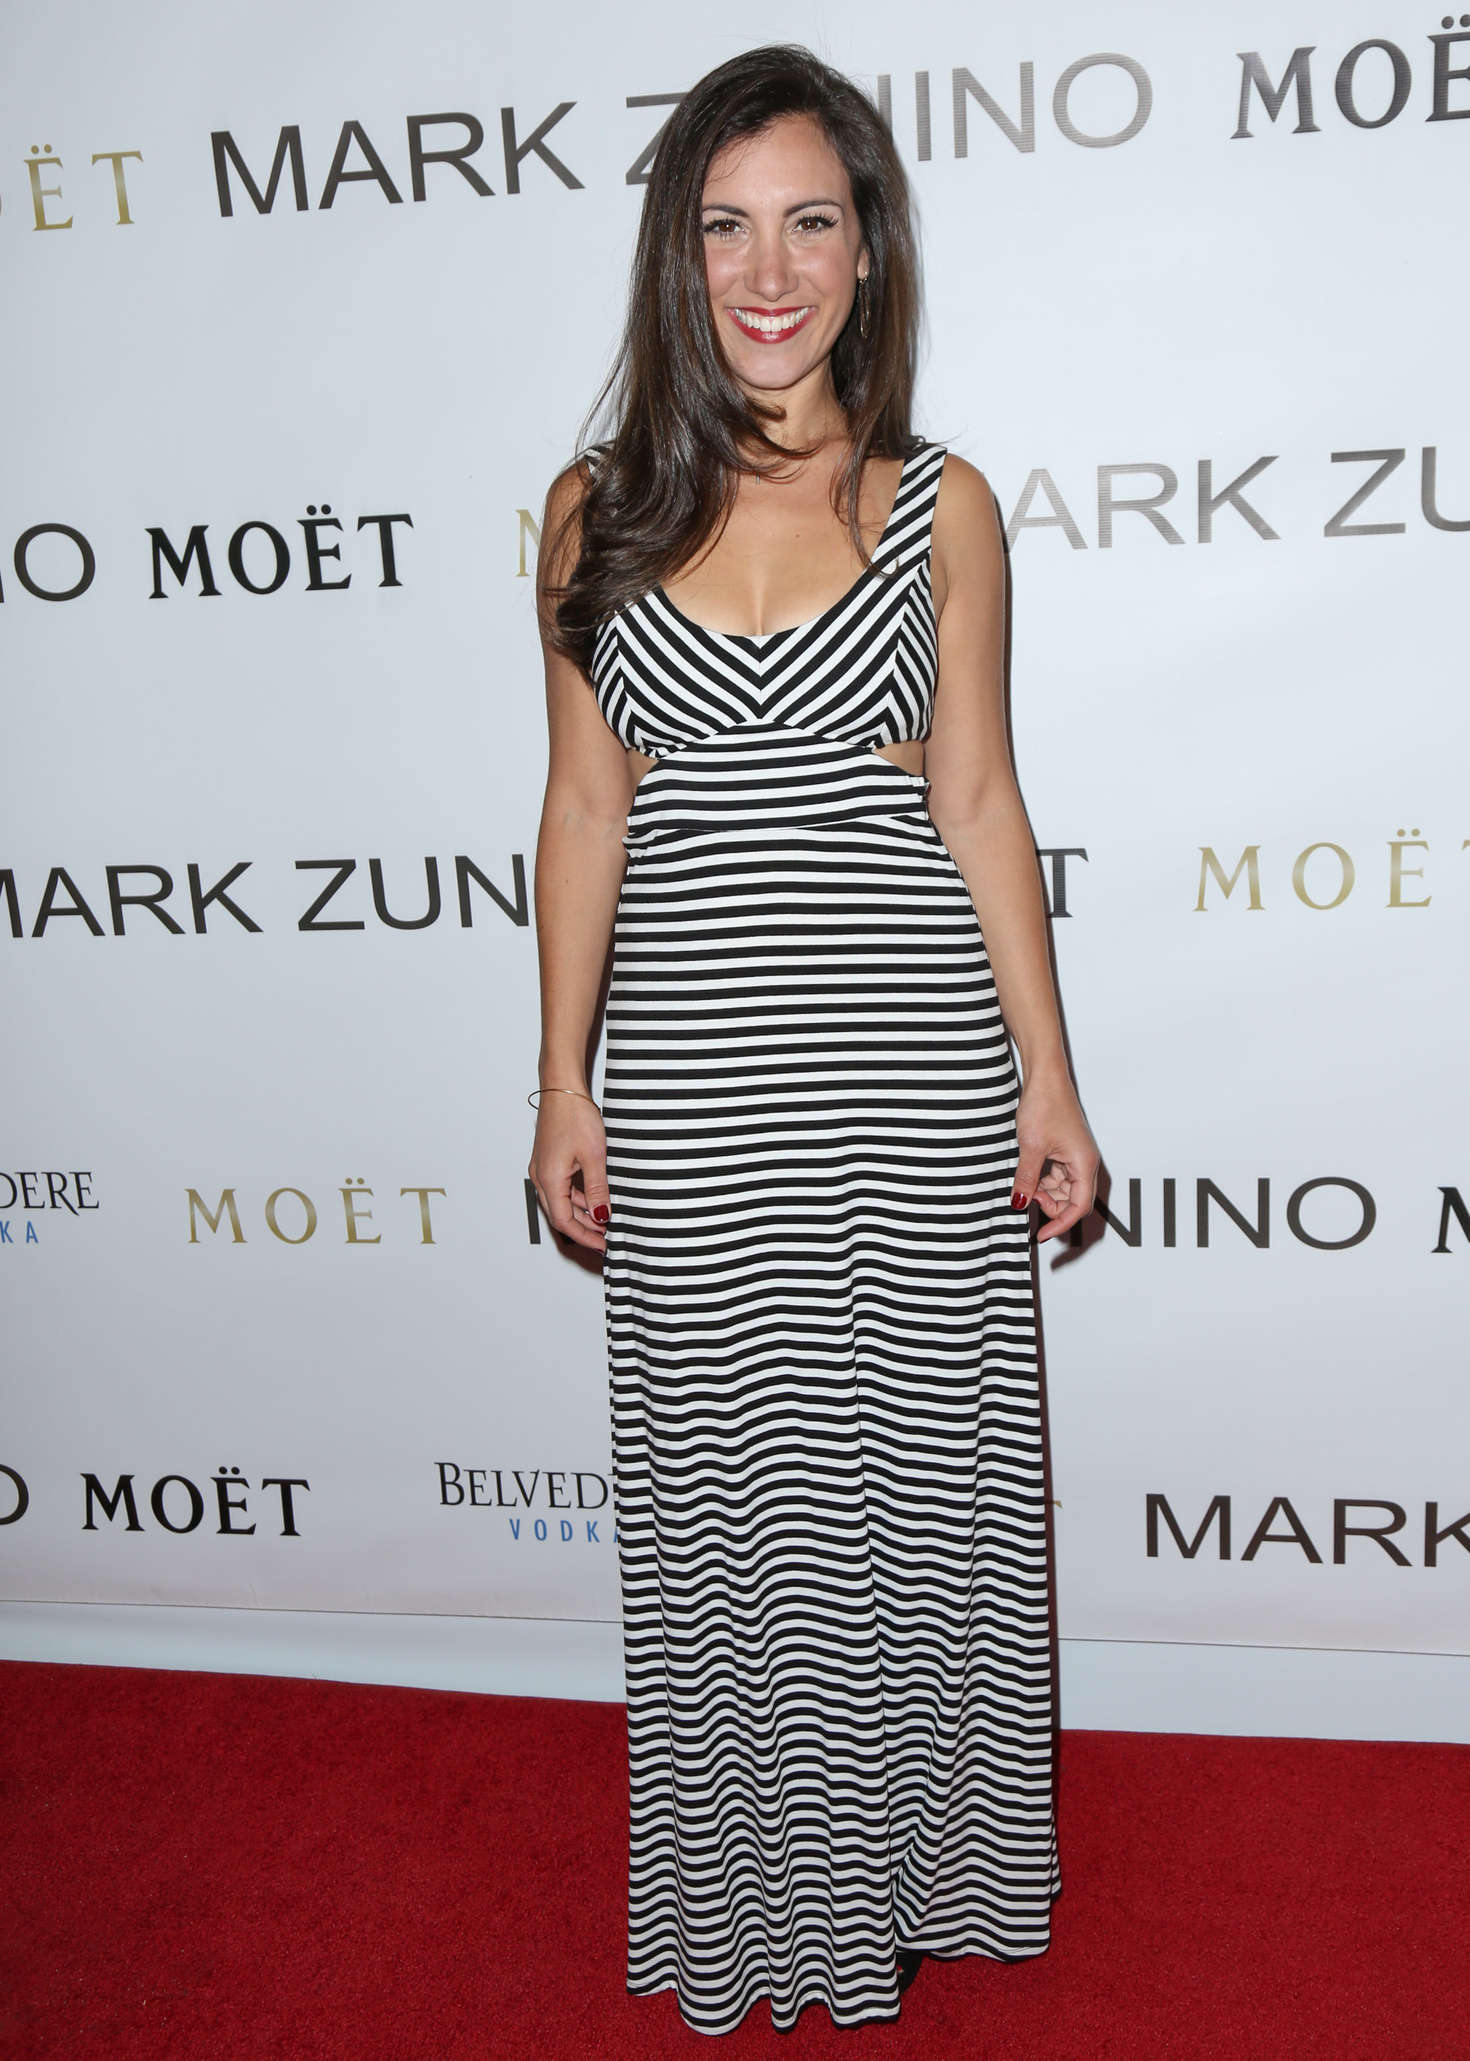 Annika marks mark zunino atelier store opening in for Annika marks